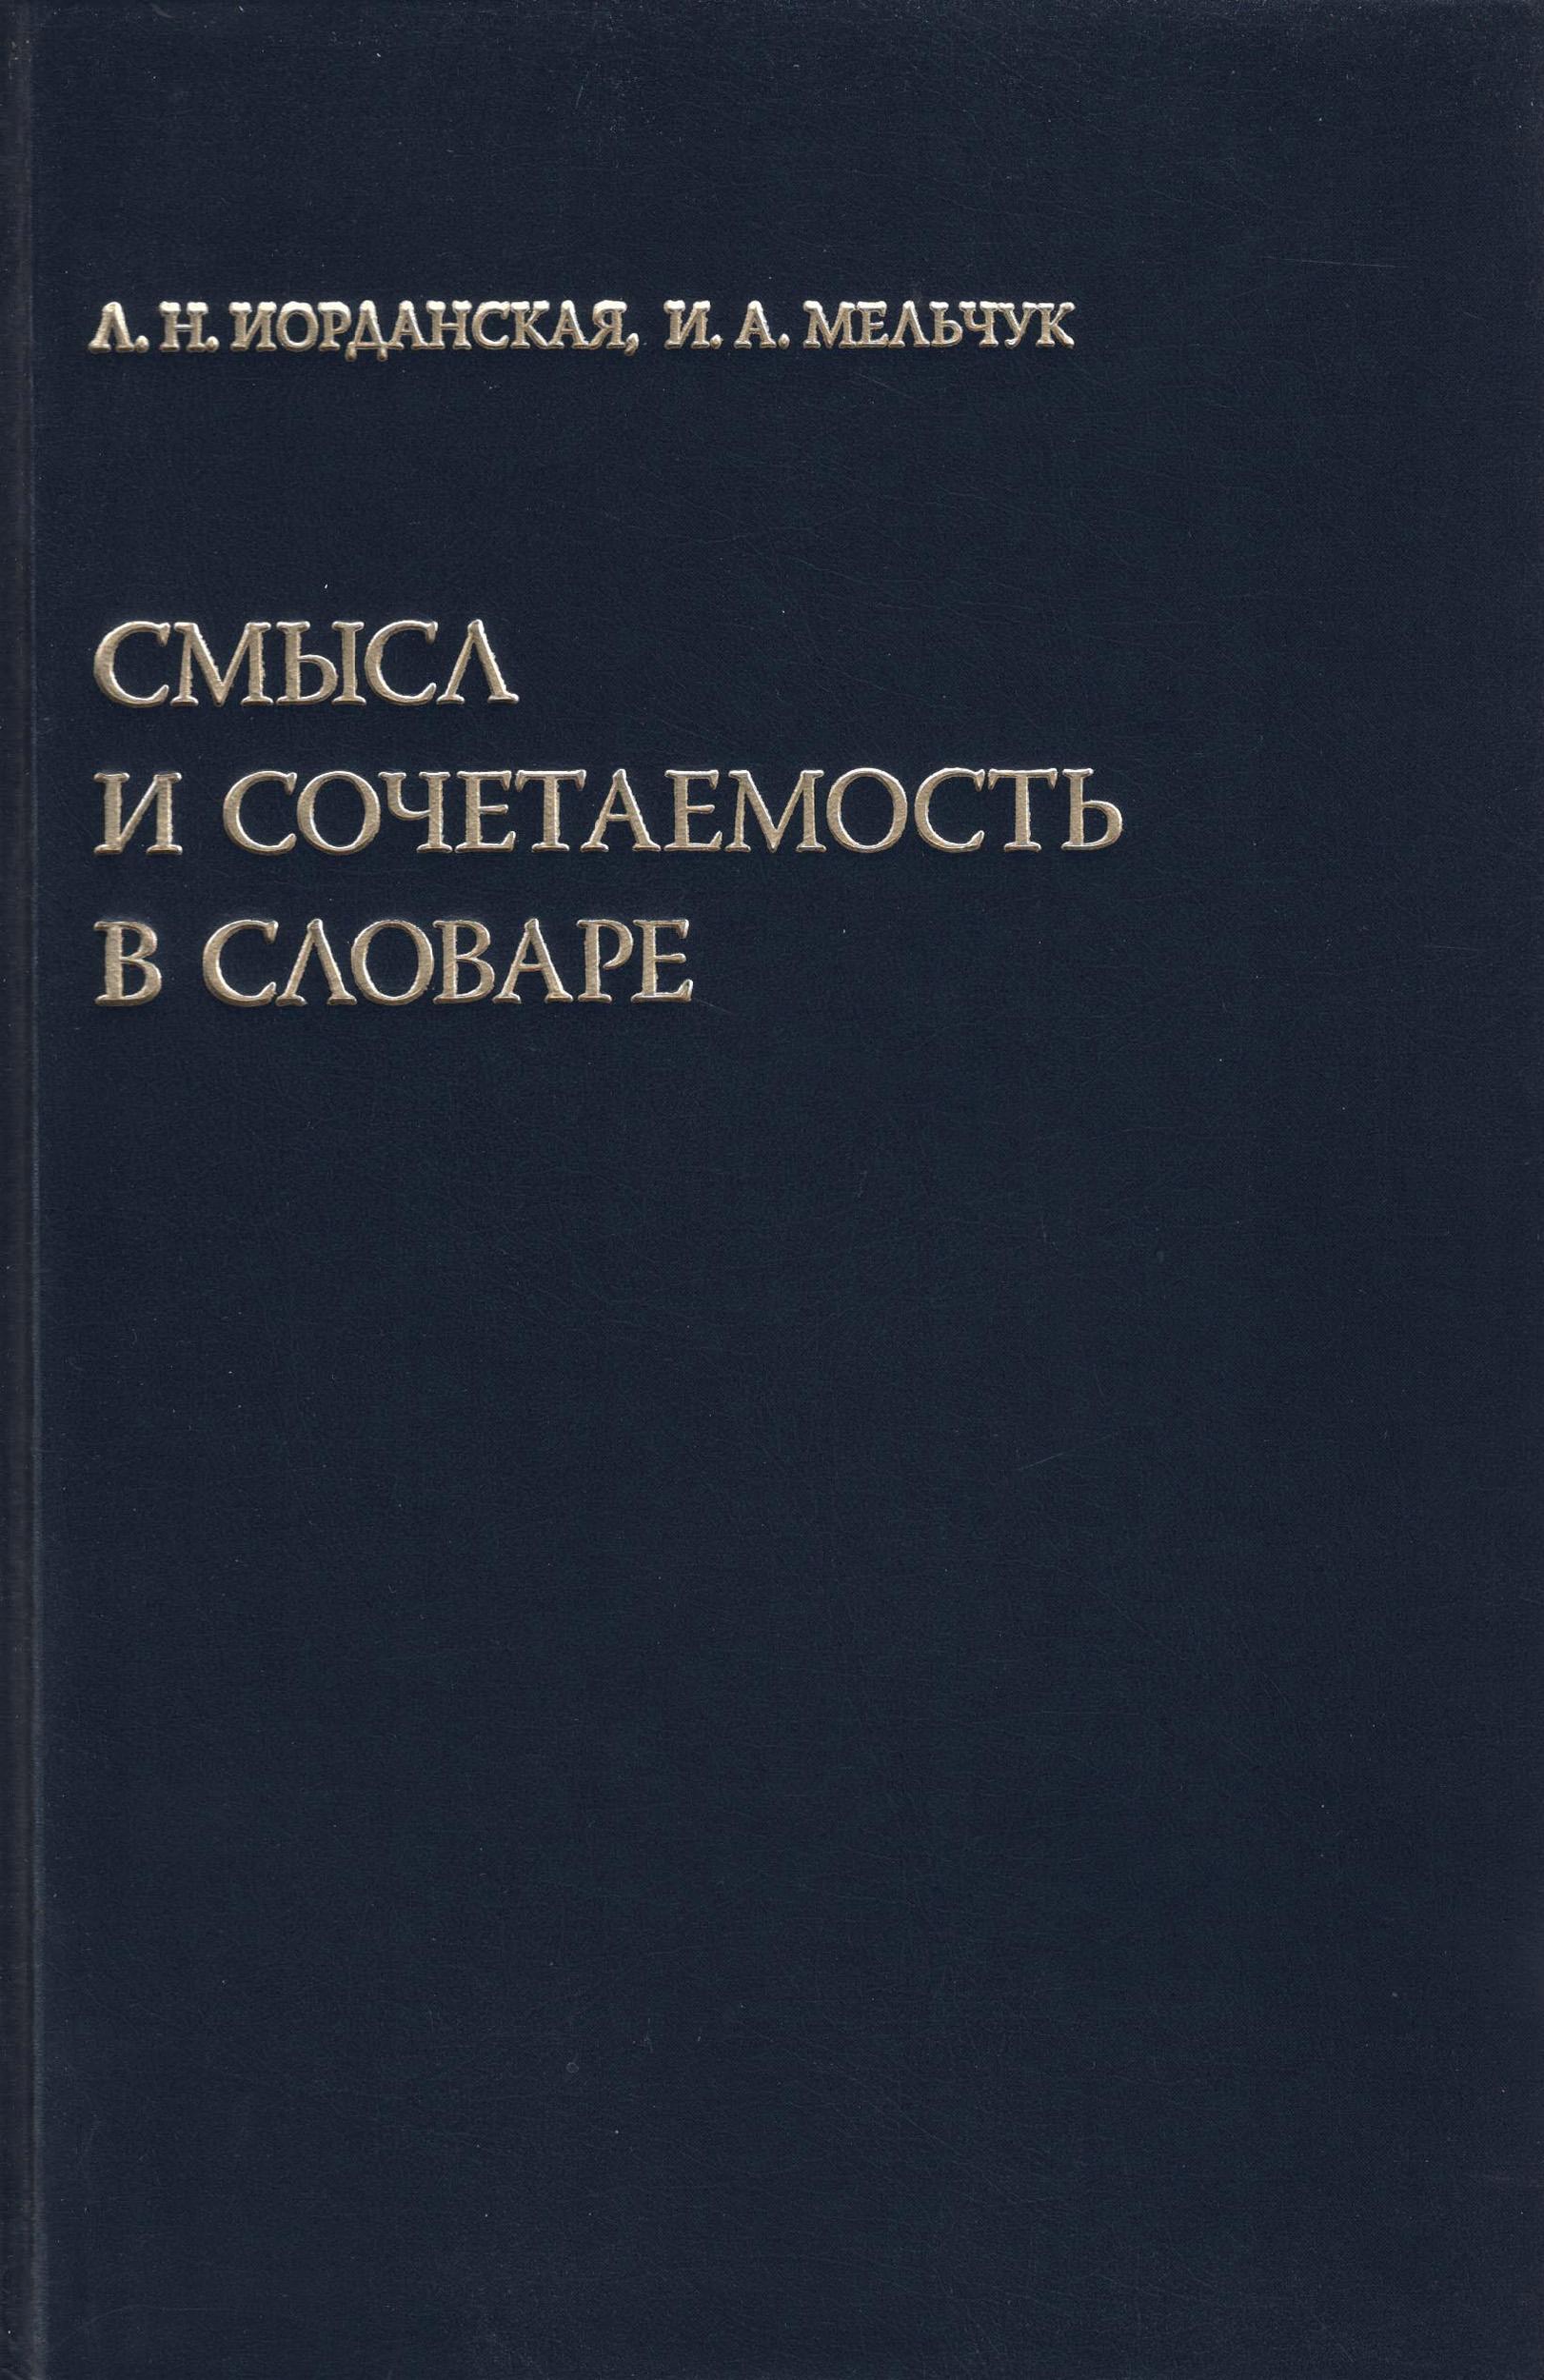 Фото - И. А. Мельчук Смысл и сочетаемость в словаре и а мельчук смысл и сочетаемость в словаре